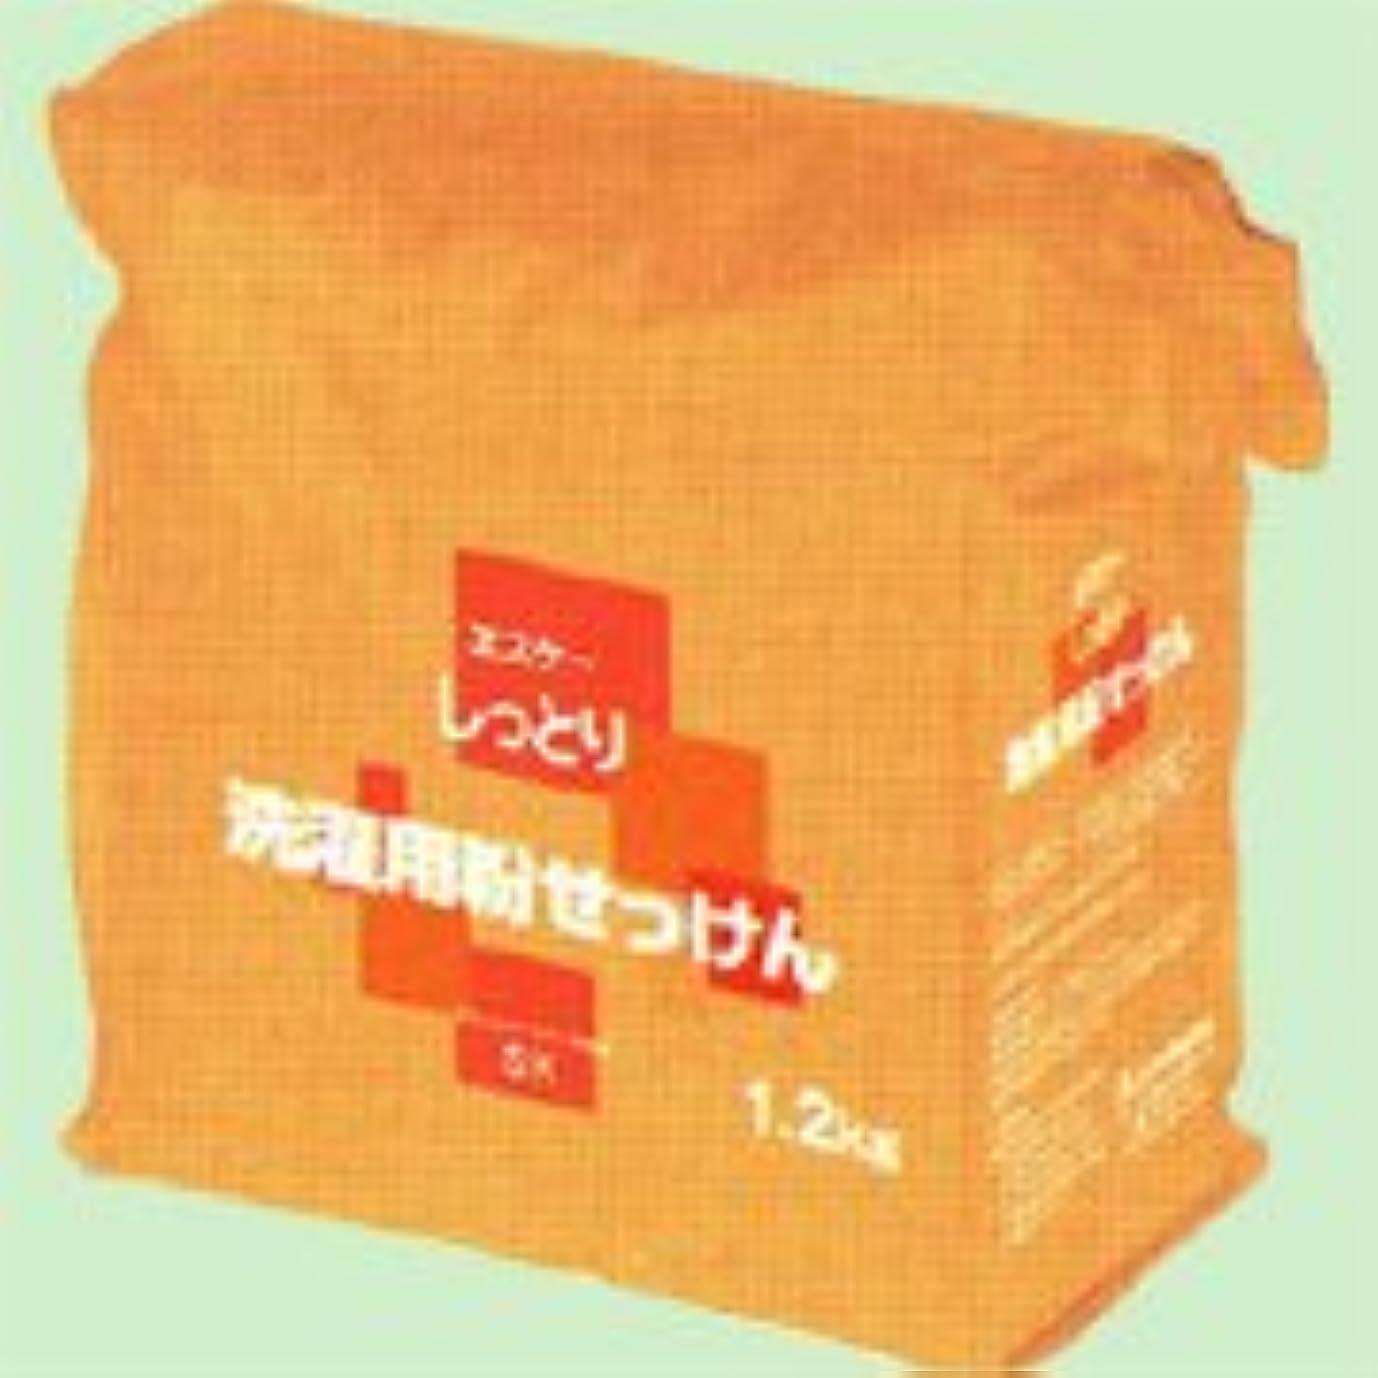 母性トラップ必須しっとり洗濯用粉せっけん詰替用 1.2kg   エスケー石鹸